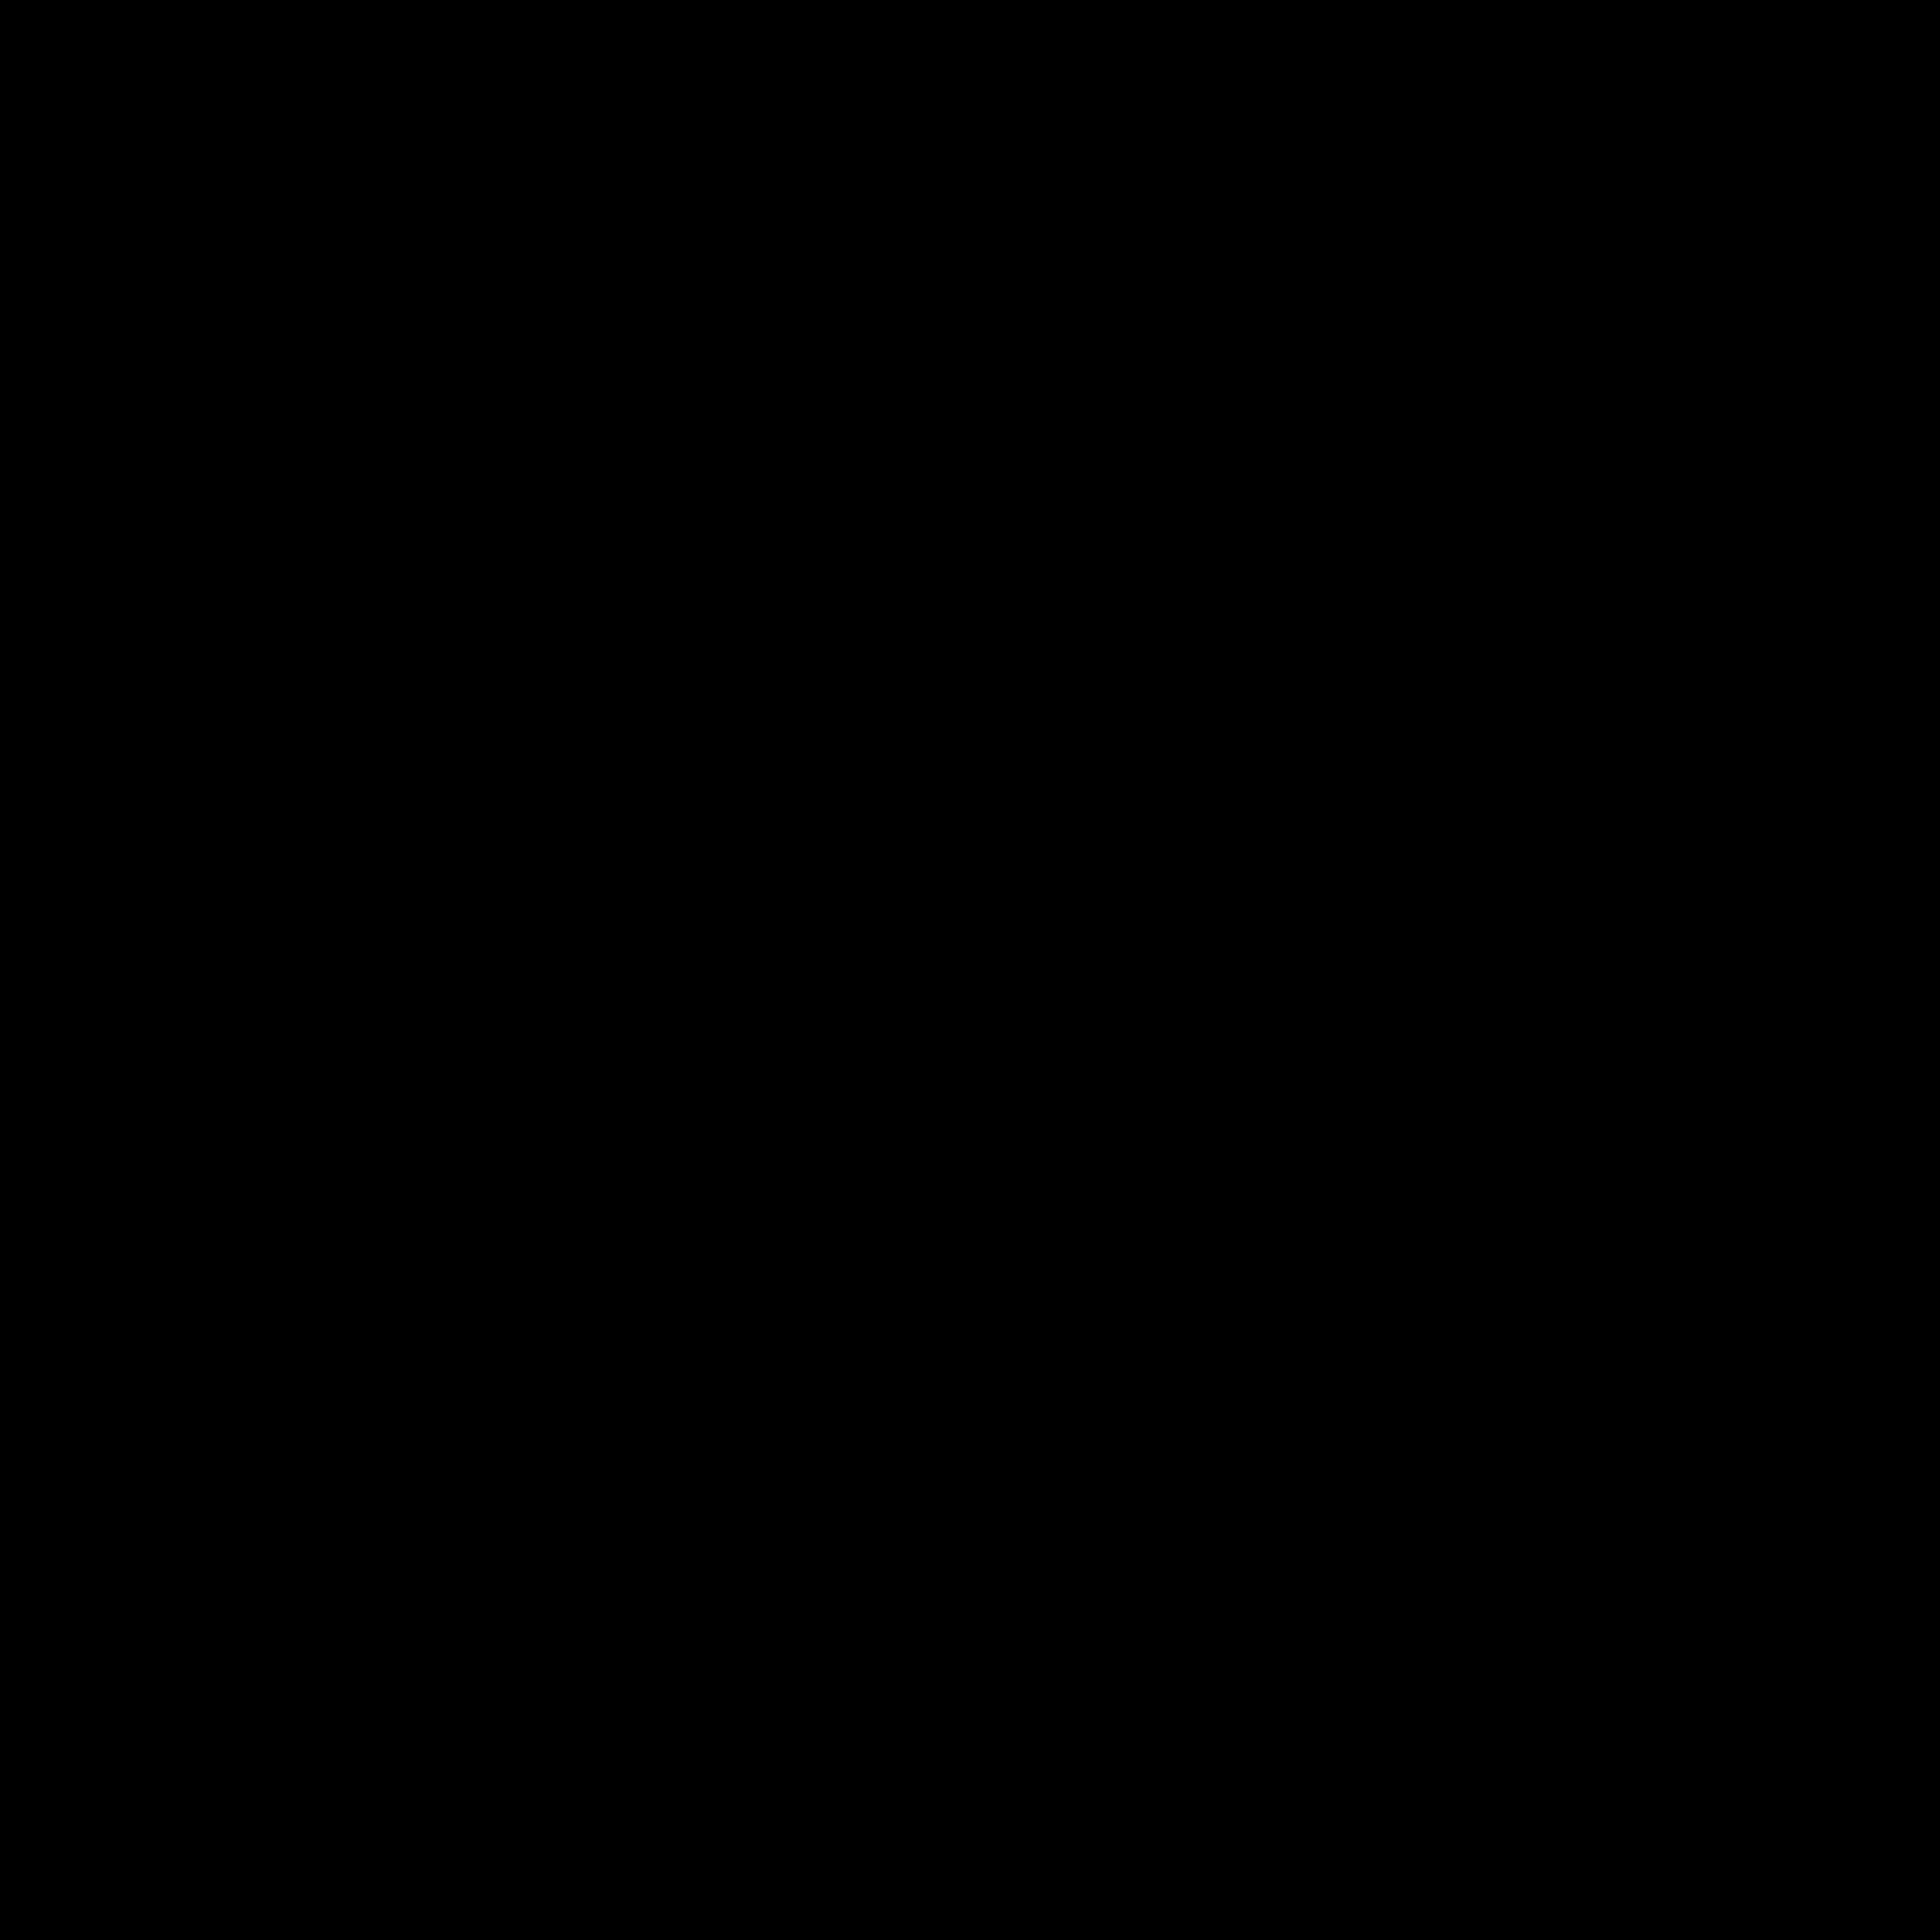 Schwedenkasten um 1850 aus Holz